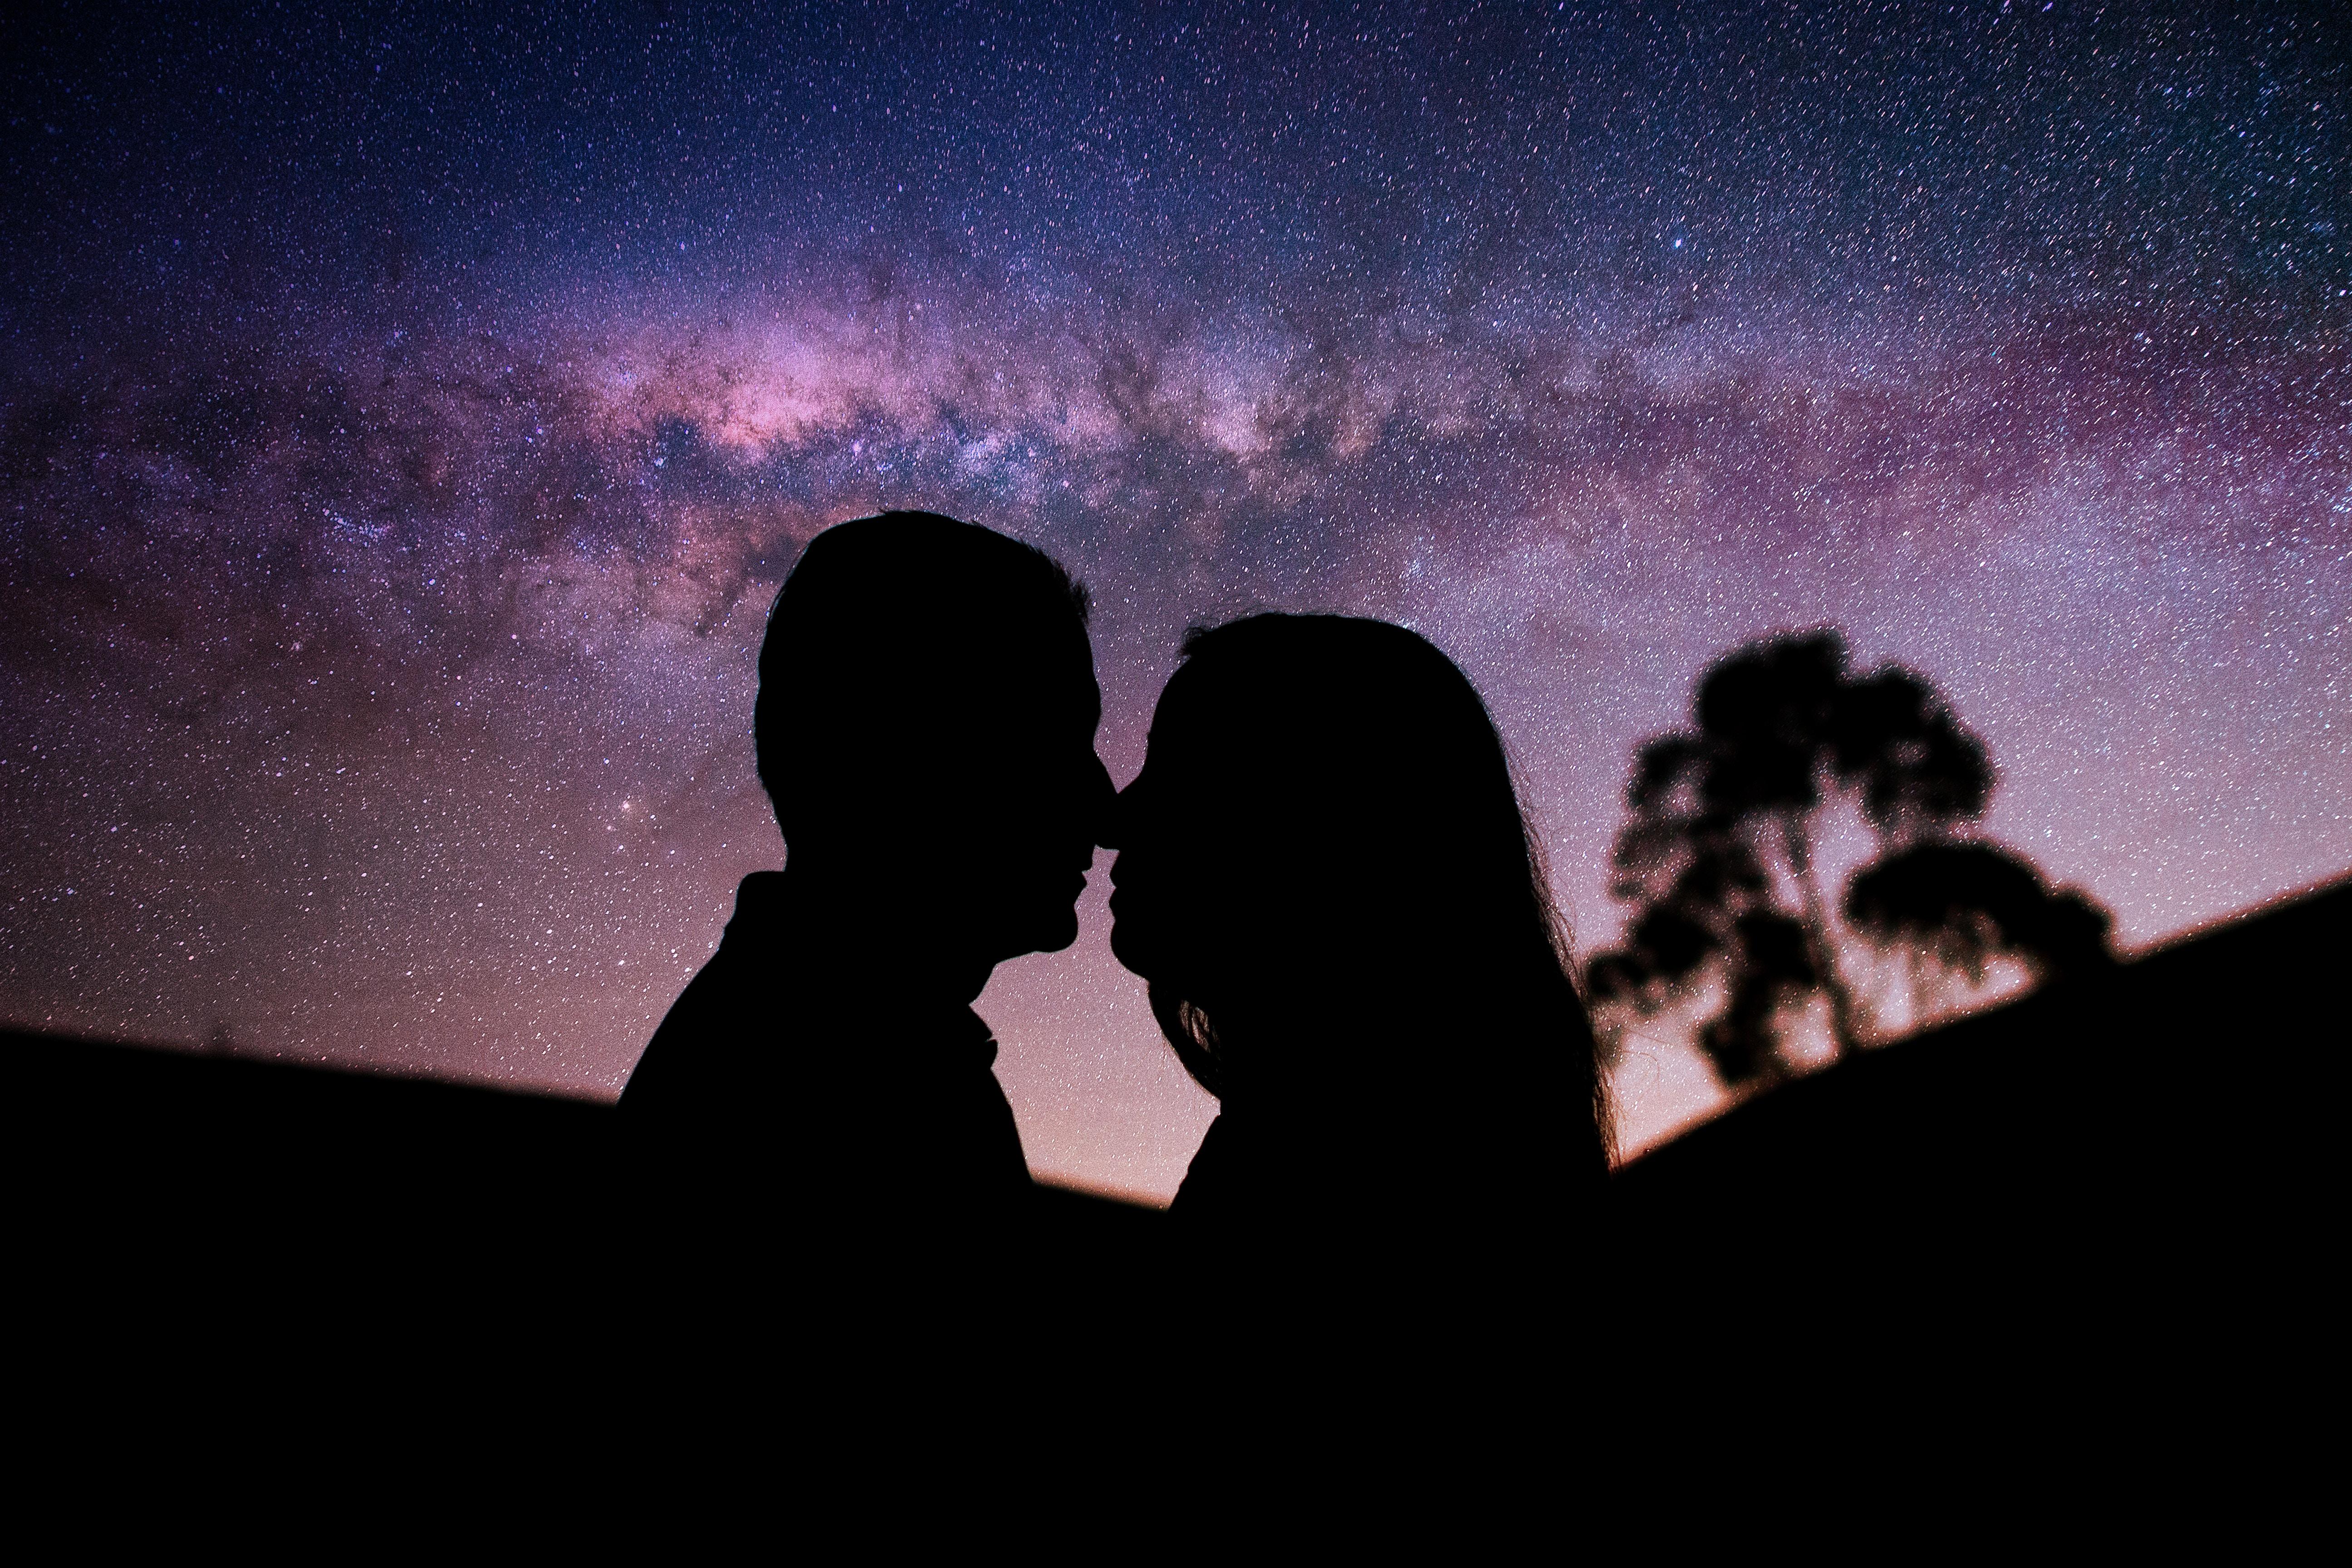 также пара ночь звезды картинки очень любит слизистые